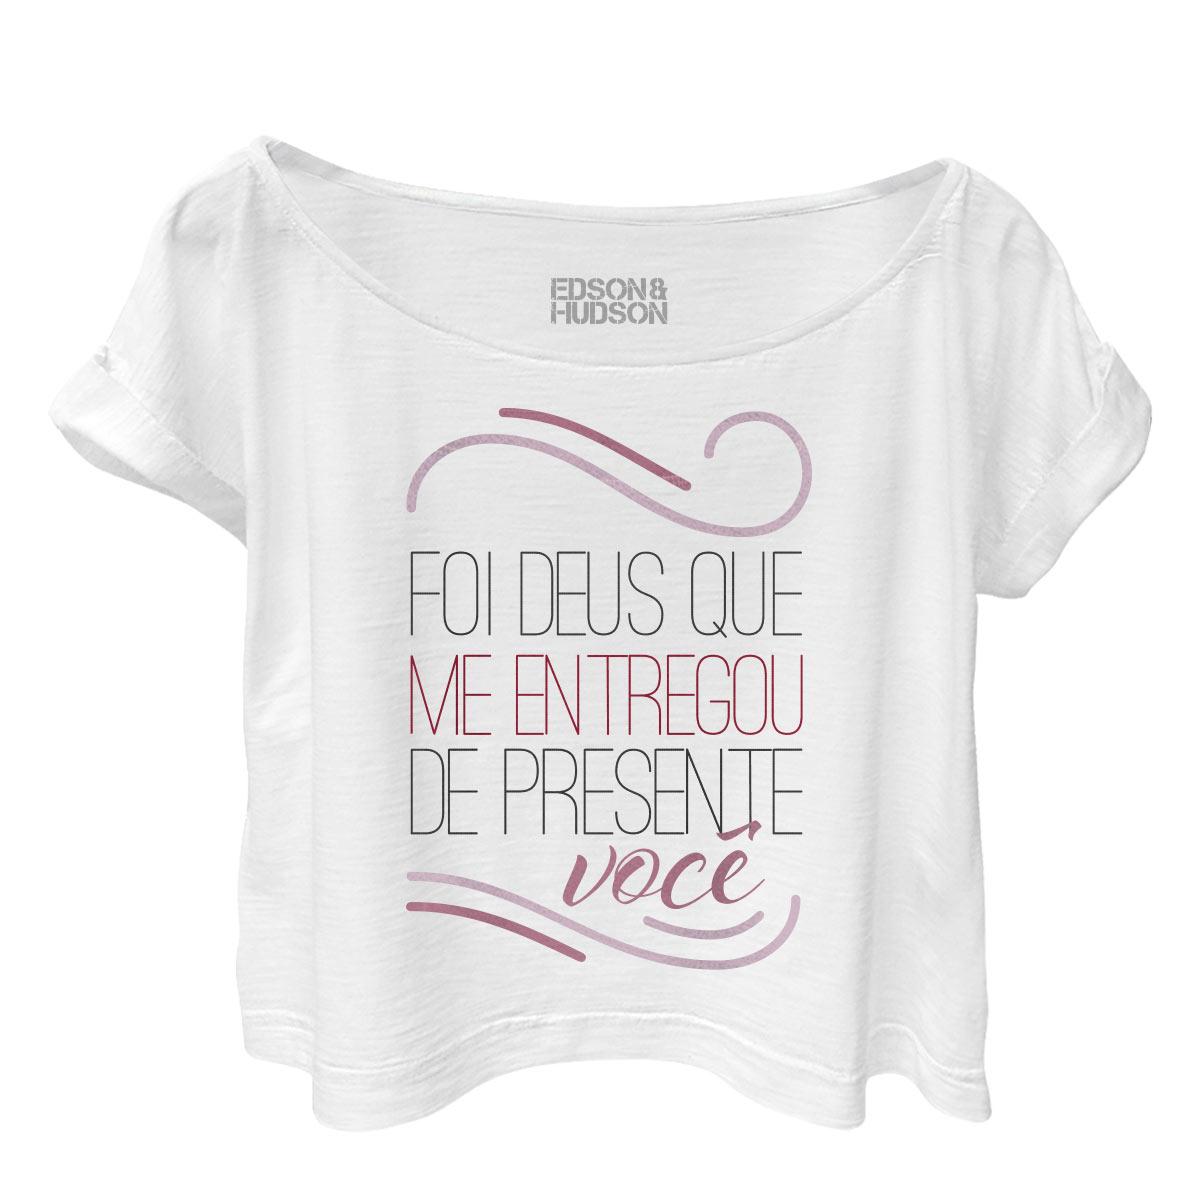 T-shirt Premium Feminina Edson & Hudson De Presente Você